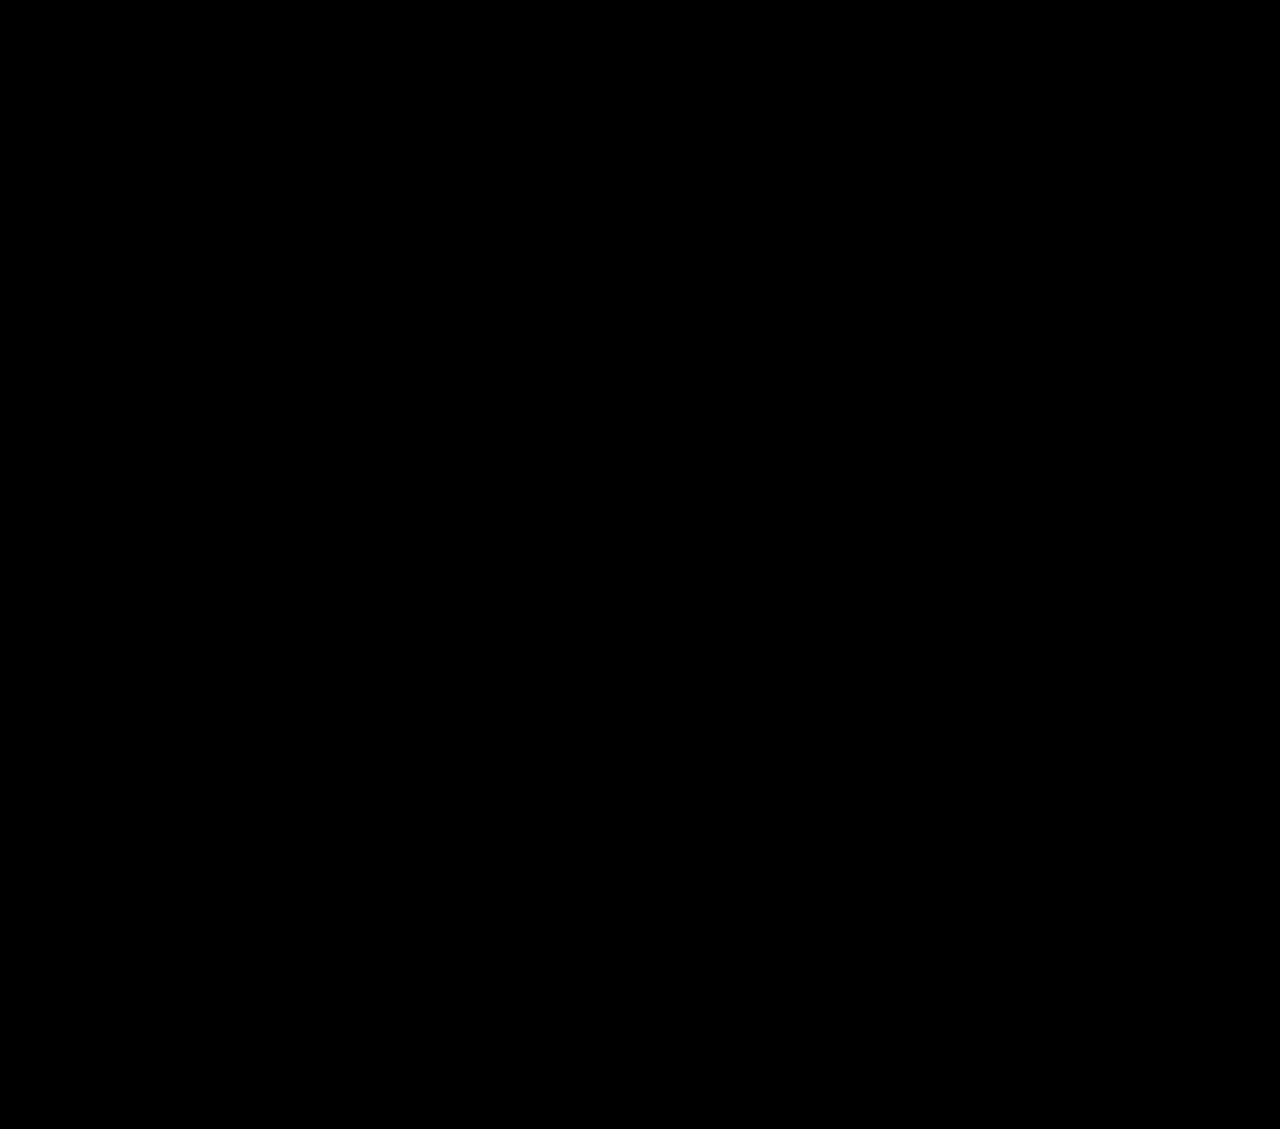 Kuchyňská baterie Schock Pila Chrom nízkotlaká 541003